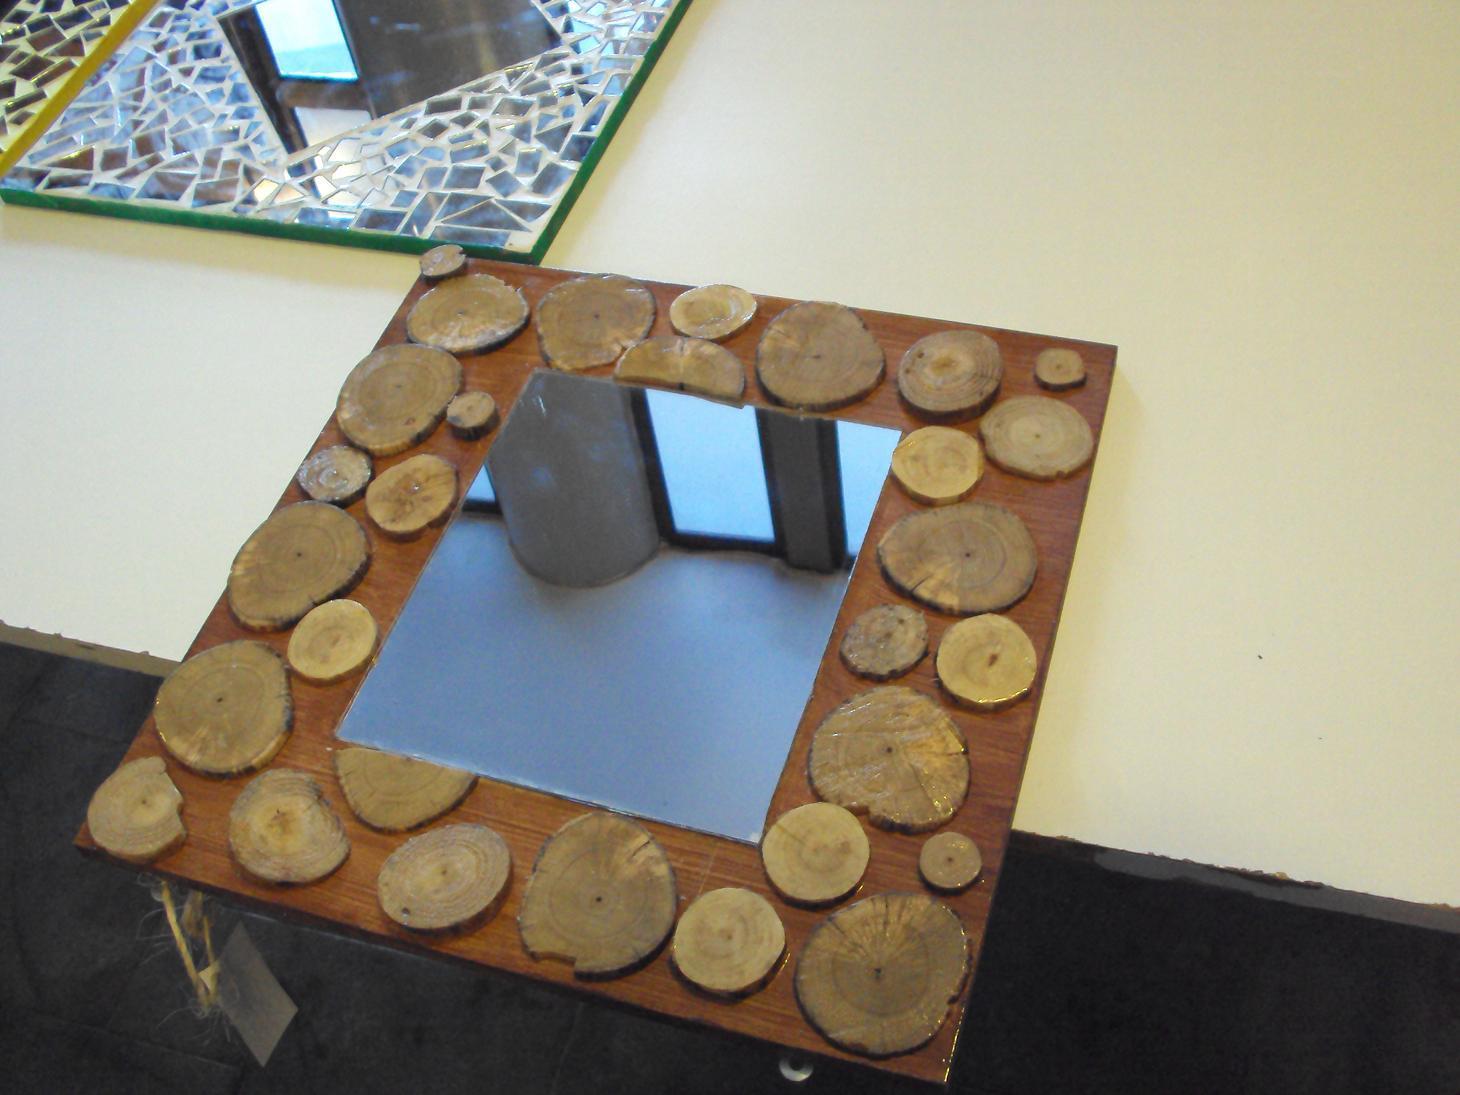 Laborales arcoiris espejos r sticos con madera for Espejos de madera grandes